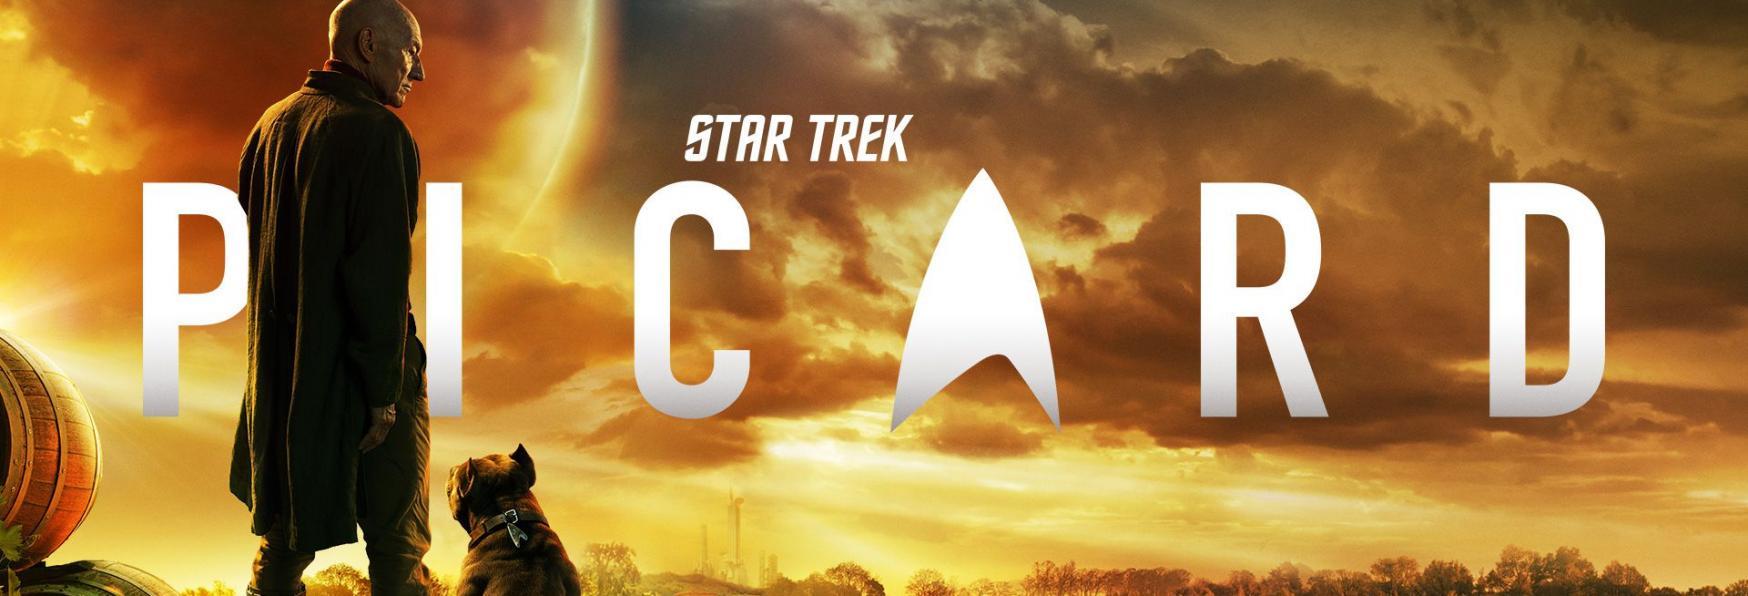 Star Trek: Picard - Recensione del 1° Episodio della tanto attesa Serie TV targata CBS